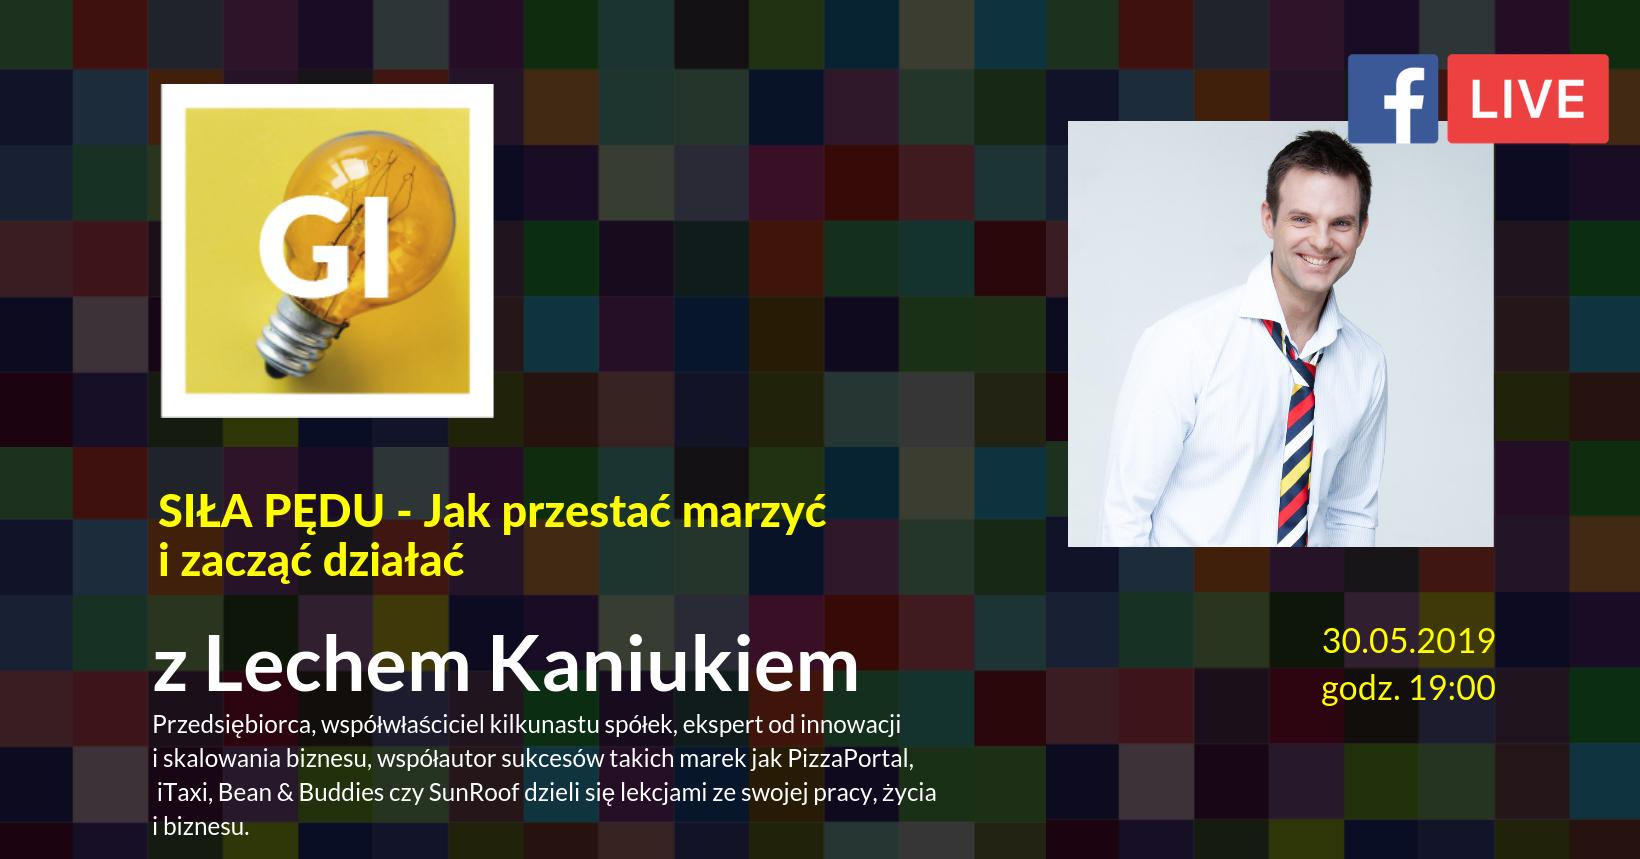 30.05.2019 r. 19:00 Jak przestać marzyć i zacząć działać? LIVE z Lechem Kaniukiem.